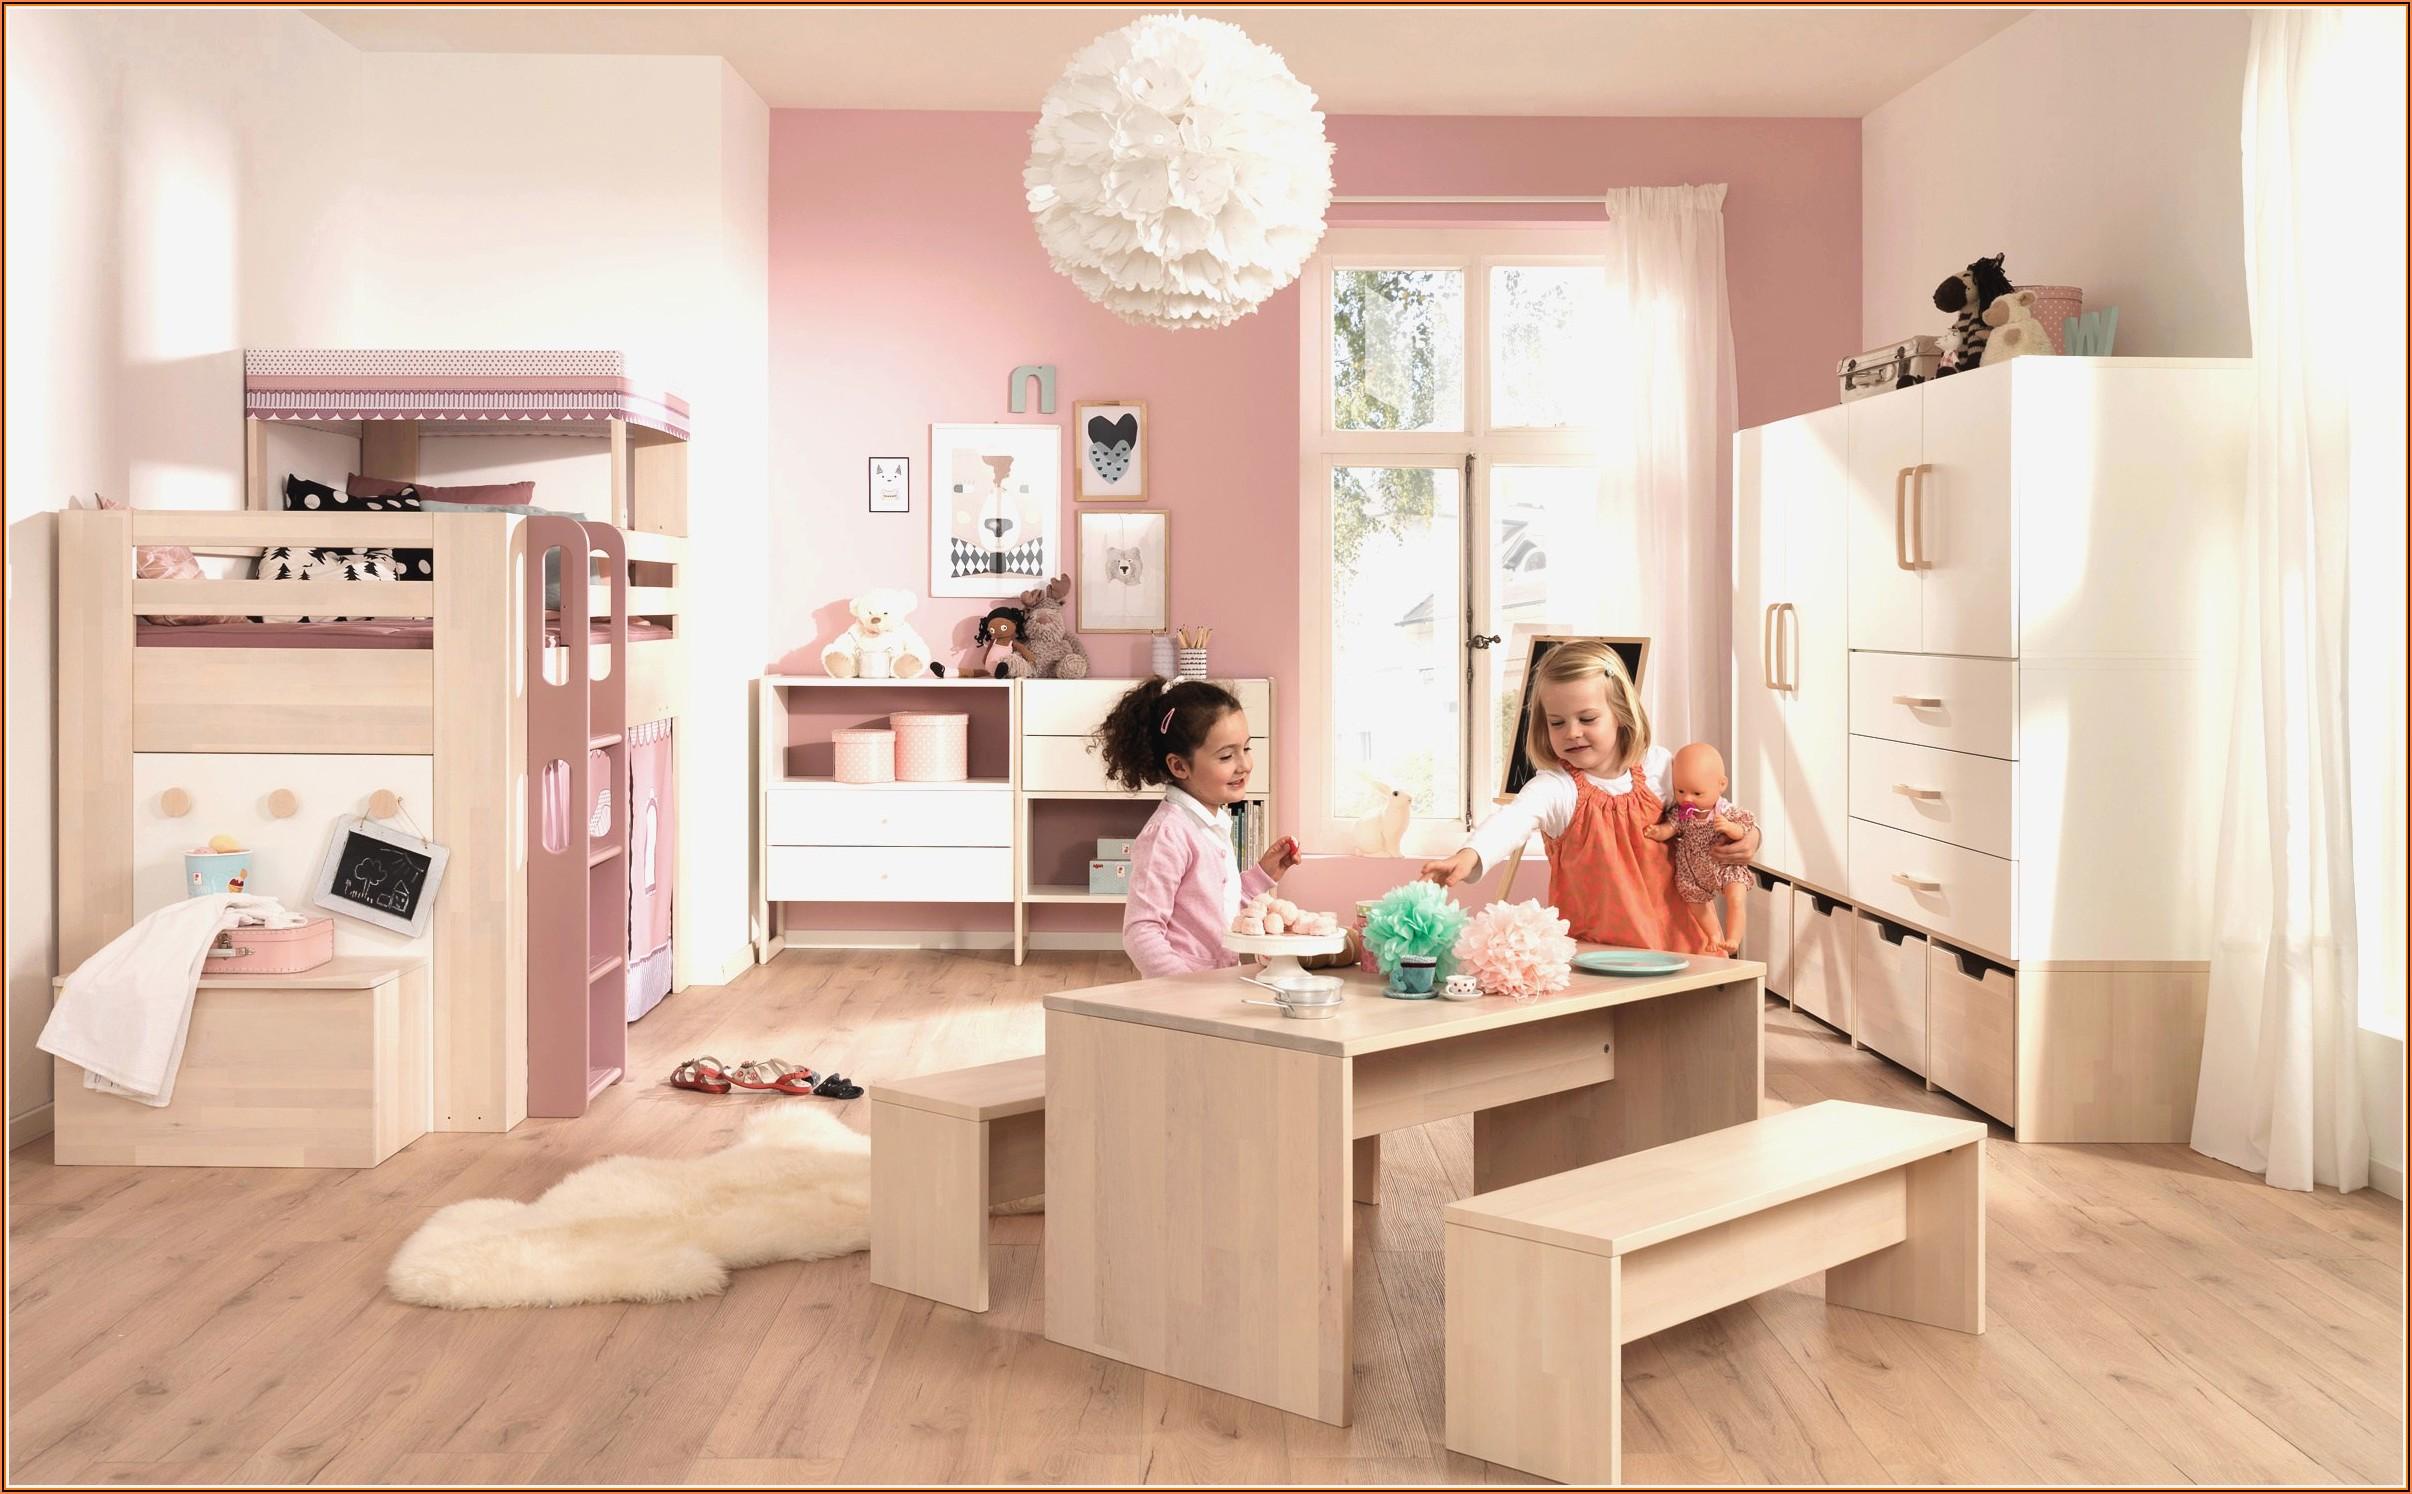 Kinderzimmer Gestalten Junge 6 Jahre